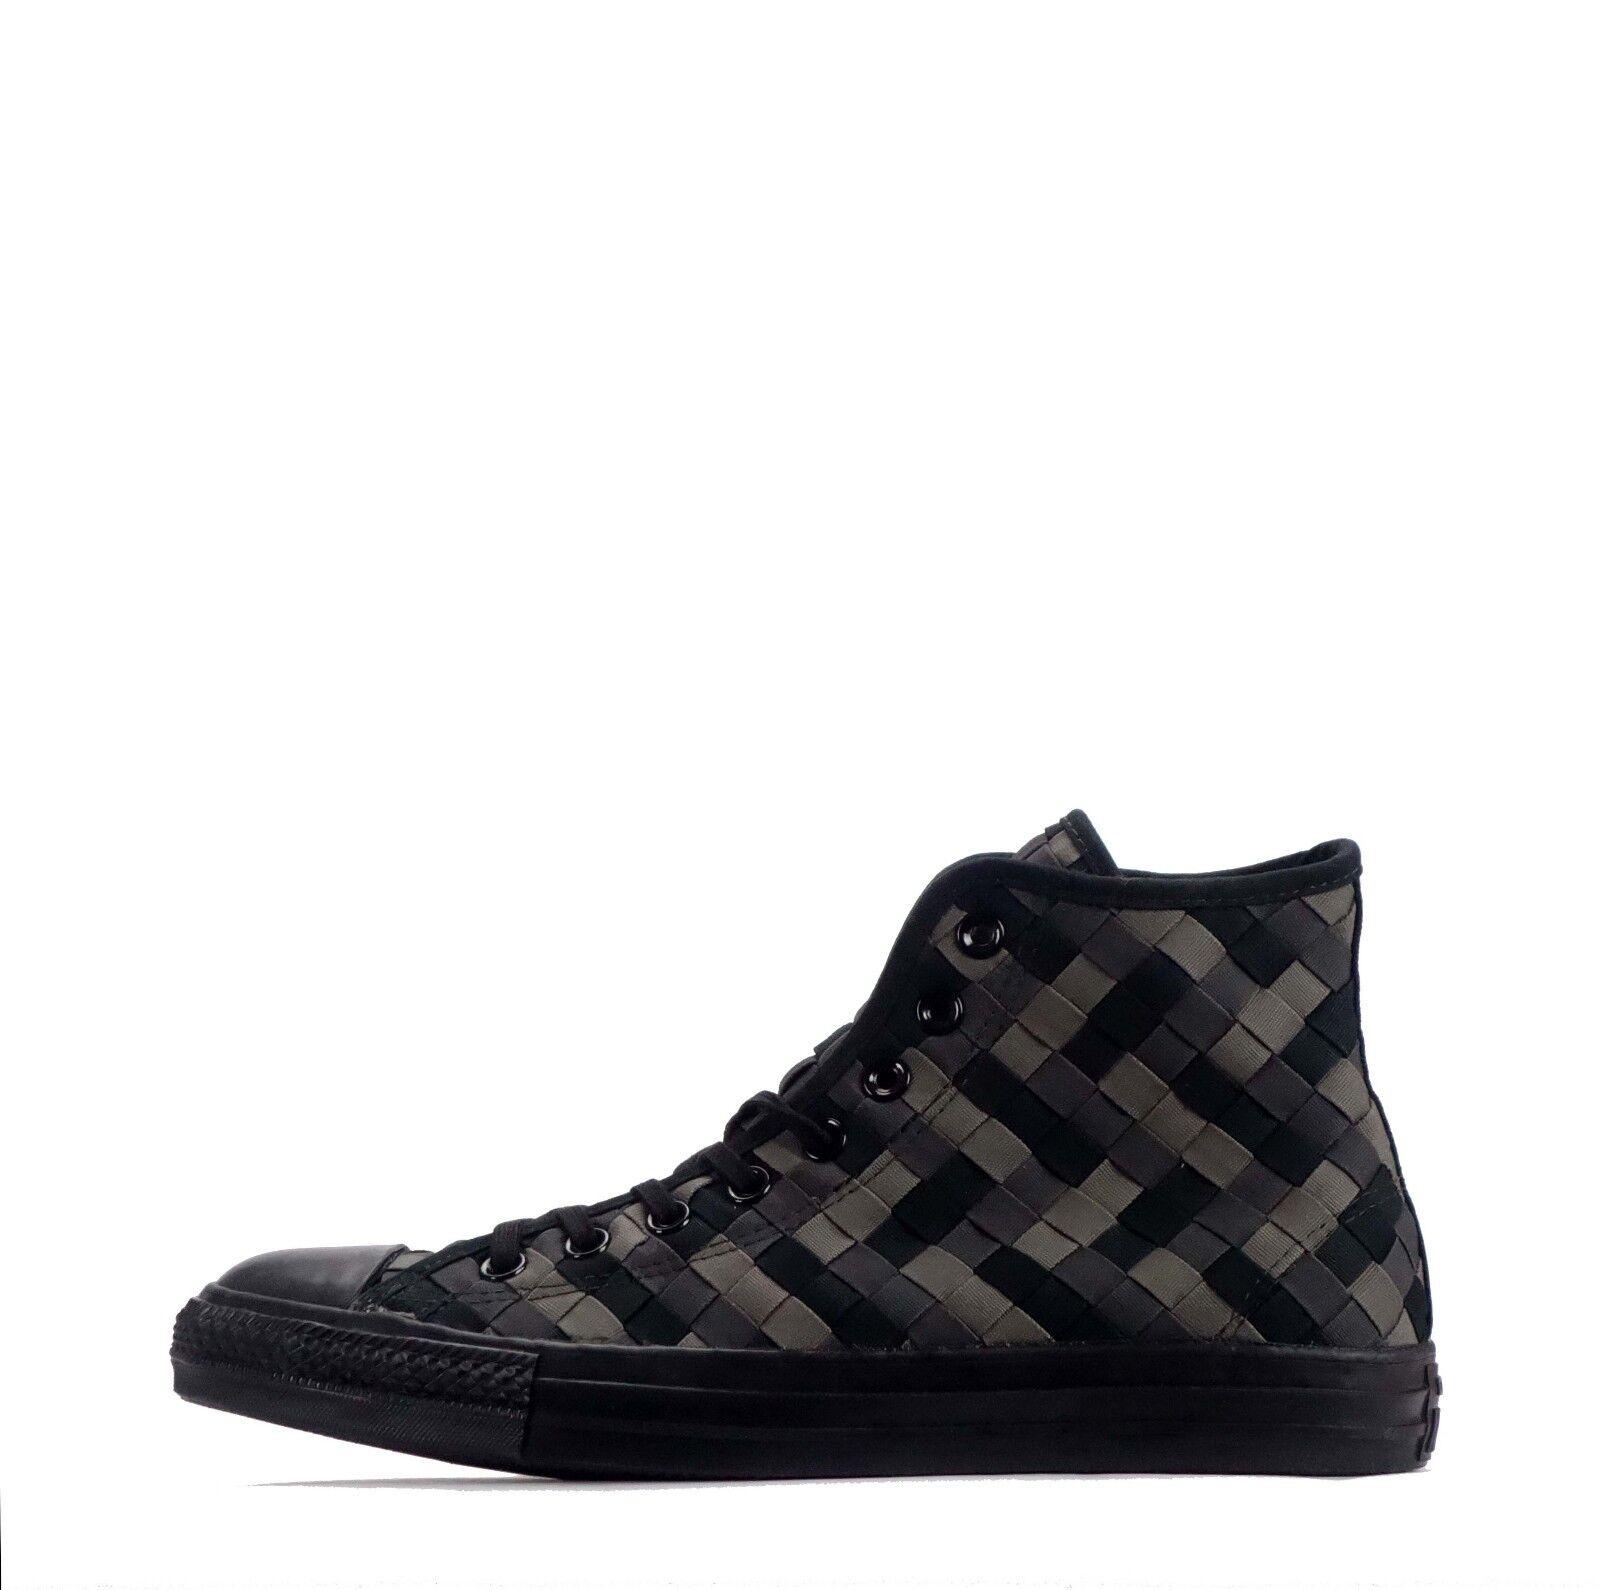 Converse Chuck Taylor All Star Hi Woven Men's Hi Top Shoes Black/Charcoal